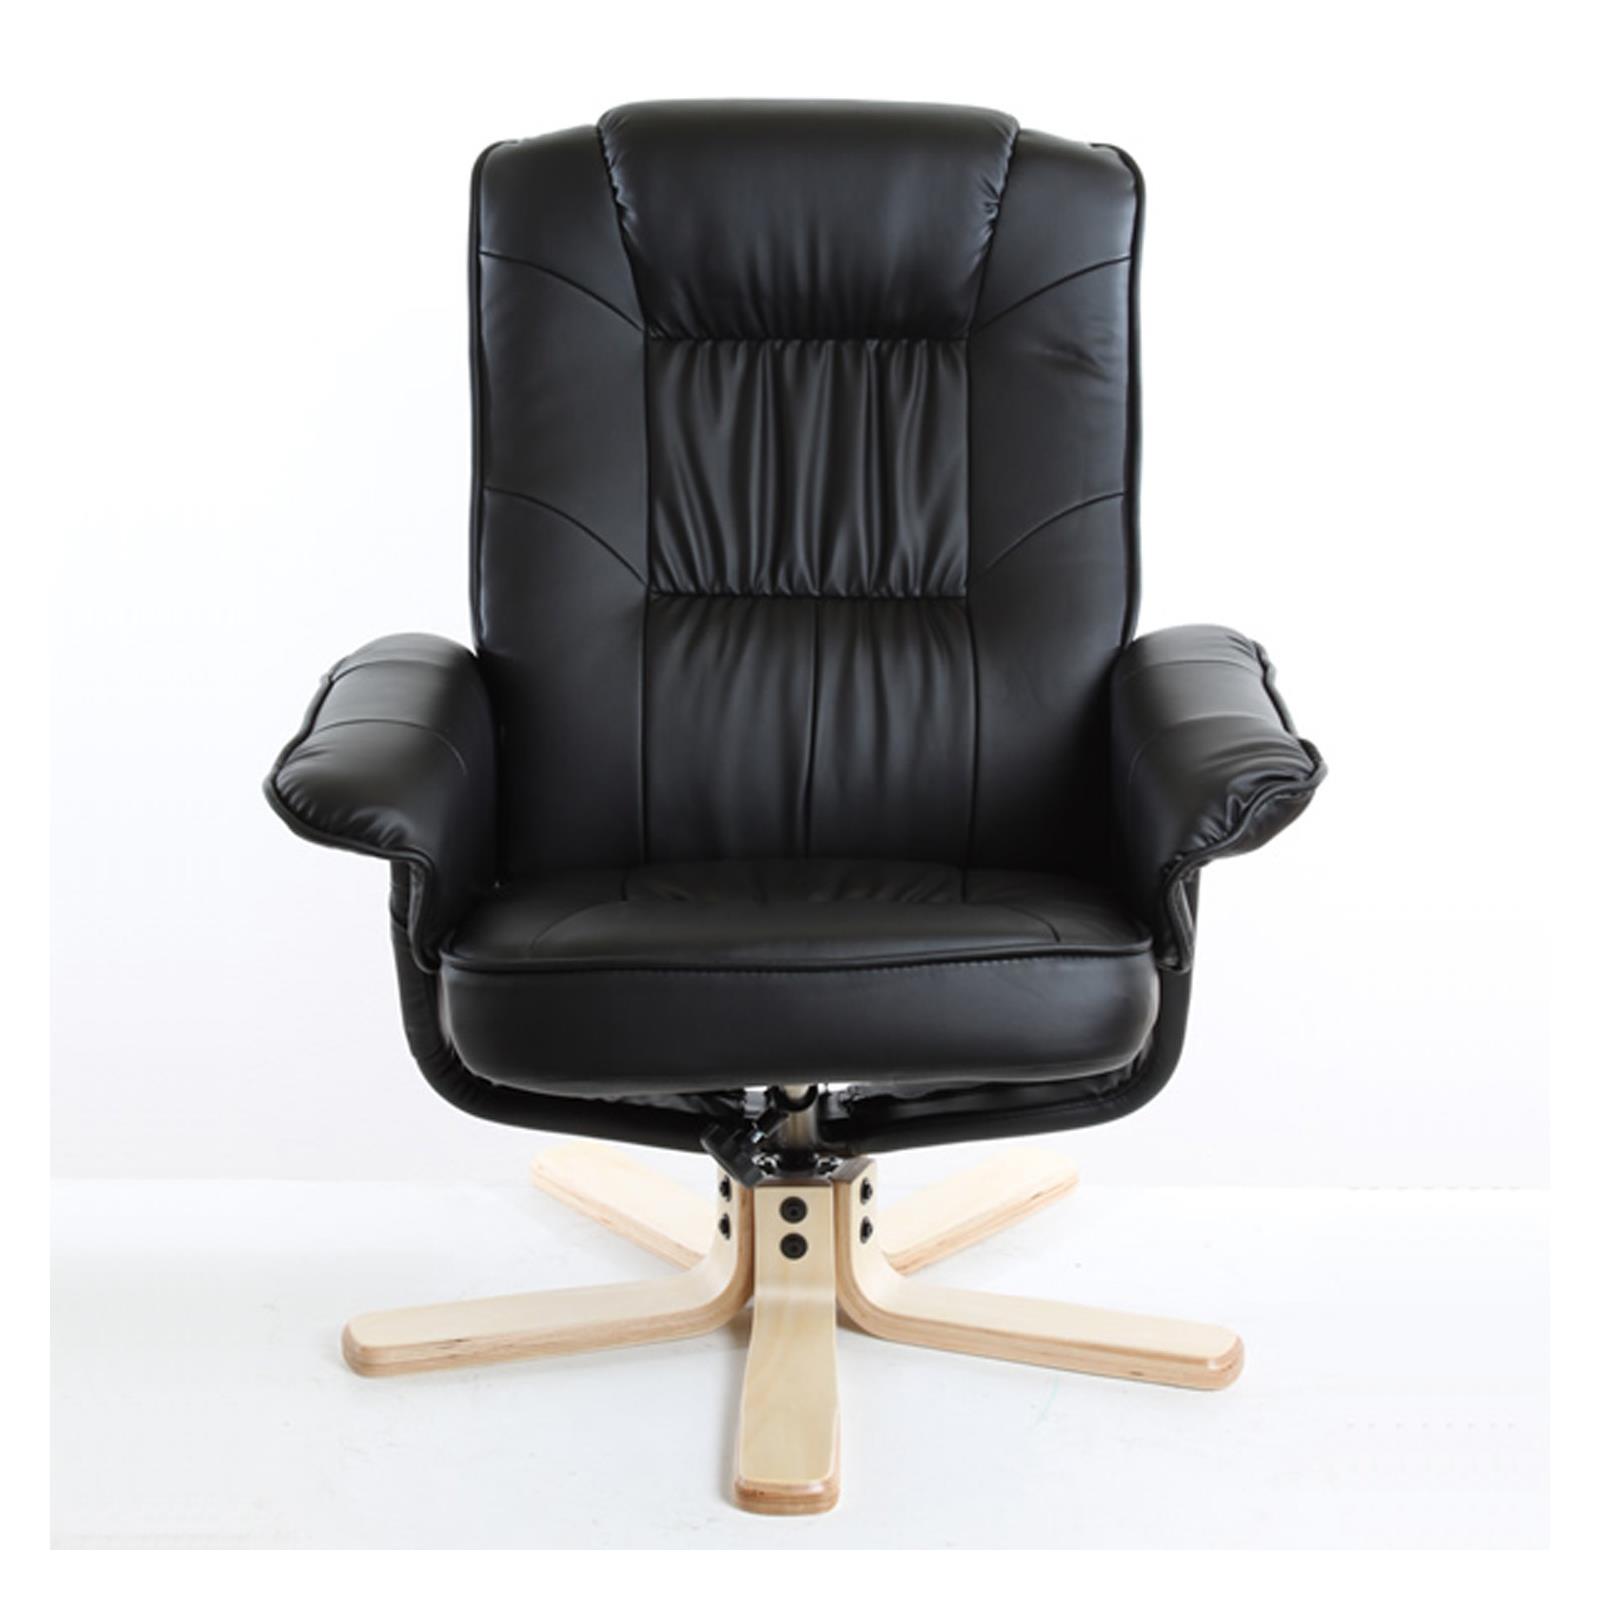 Fauteuil de relaxation massant et chauffant comfort noir - Fauteuil relax massant chauffant ...